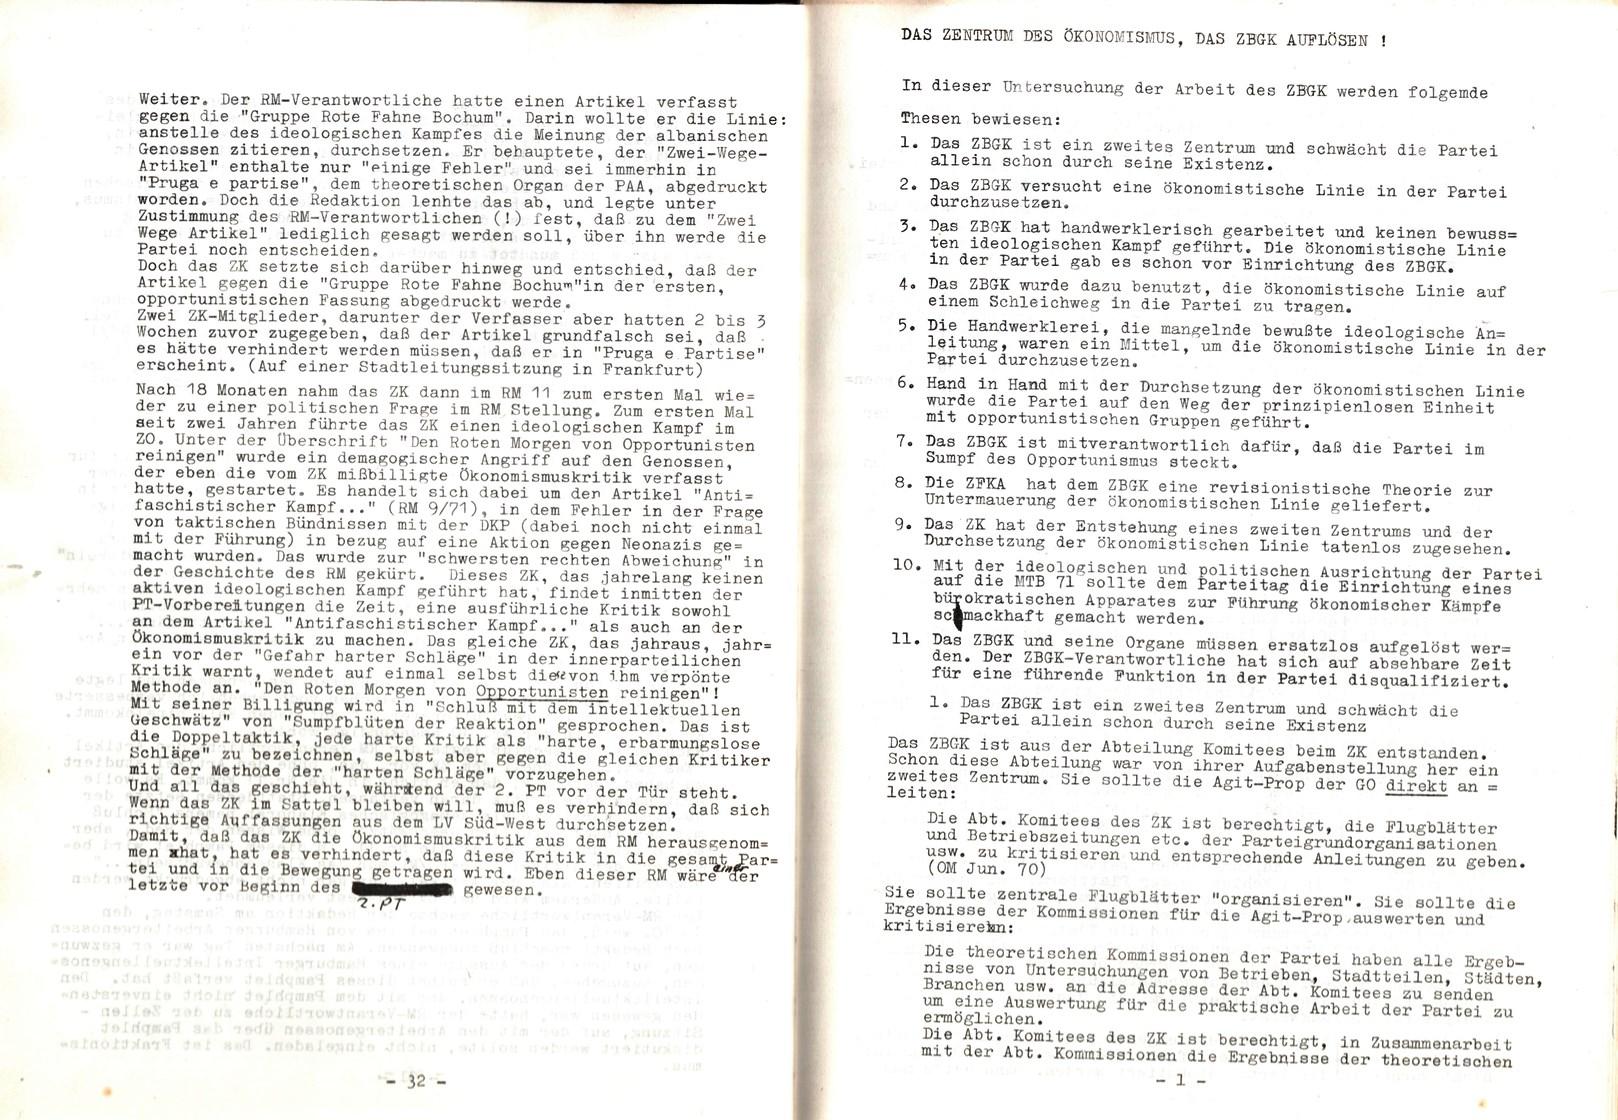 KPDML_1971_Analysen_und_Antraege_des_LV_Sued_West_022